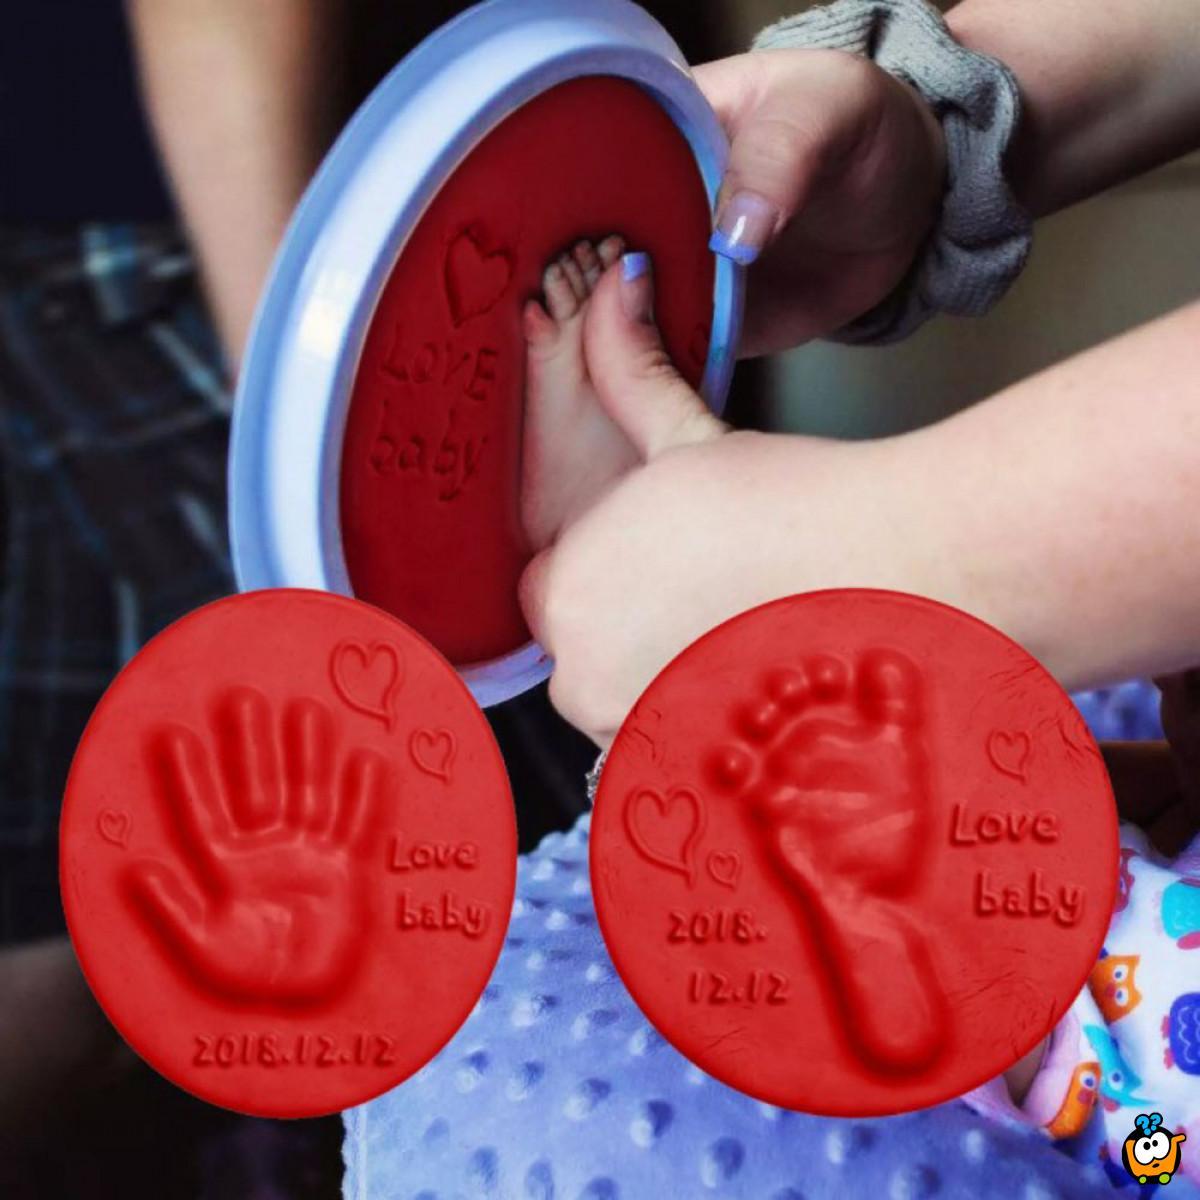 Baby Print - Penasta masa za otisak bebinih šaka i stopala